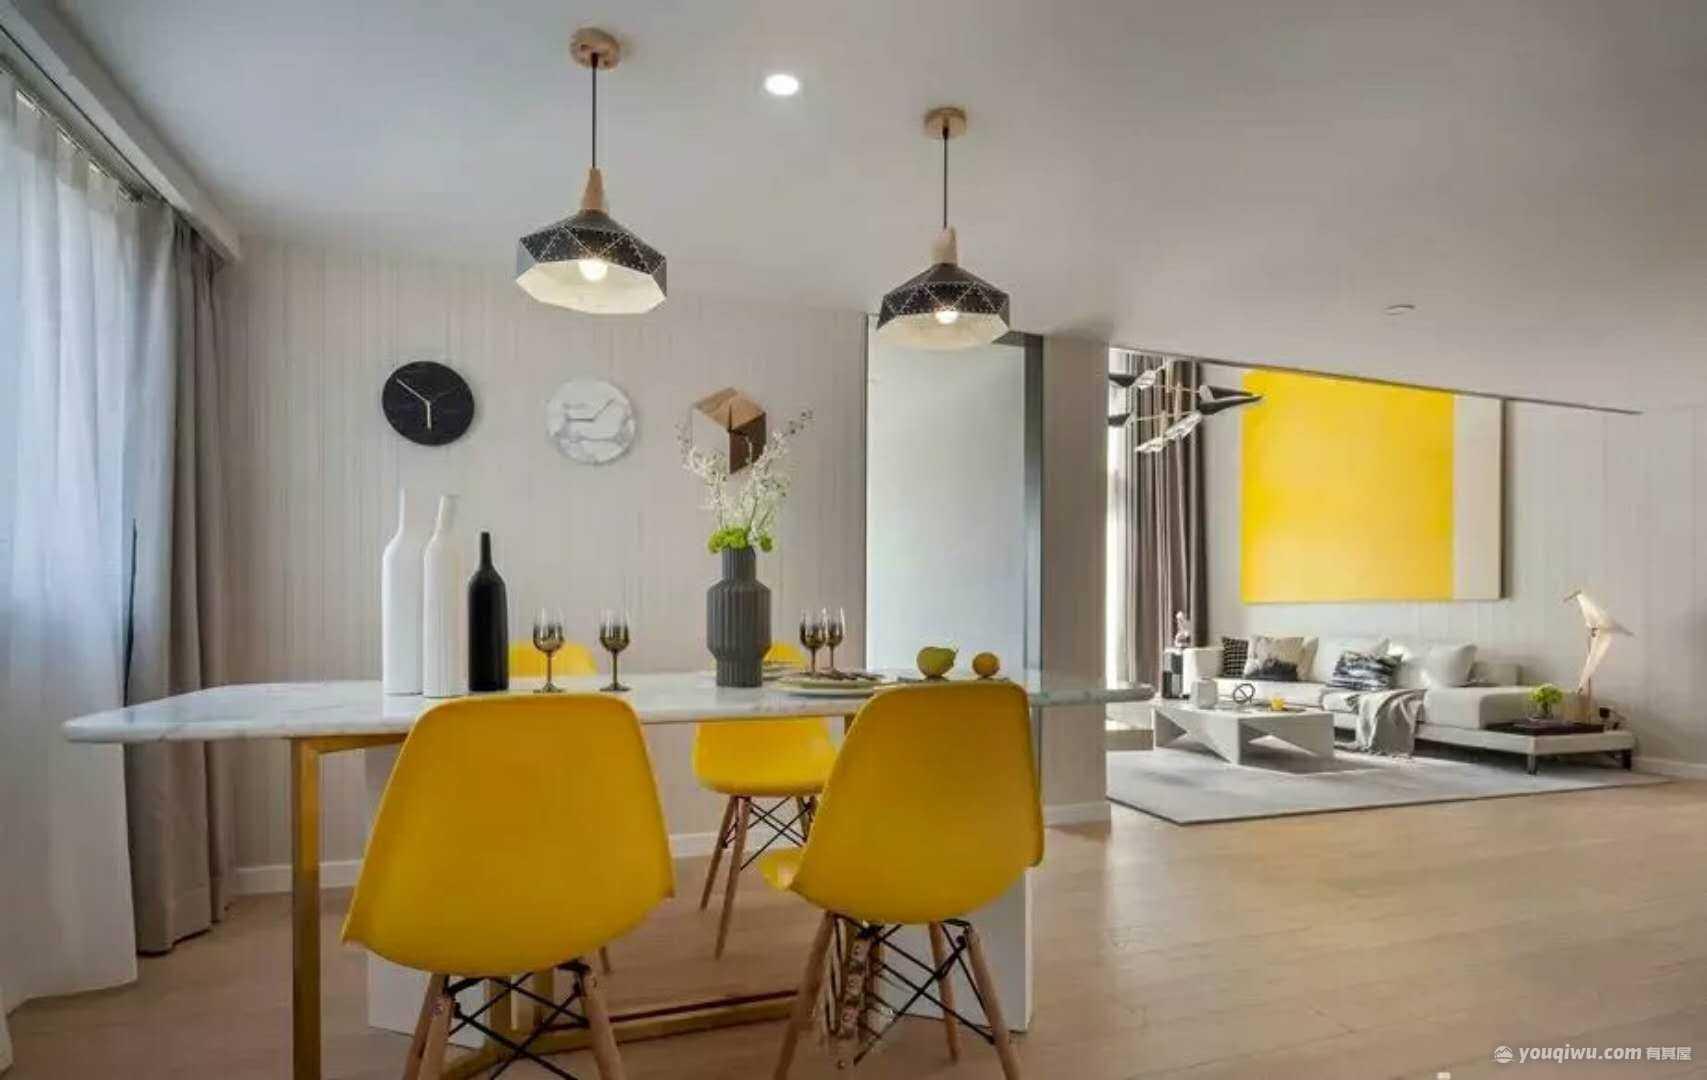 103平方米现代风格装修效果图—东方筑